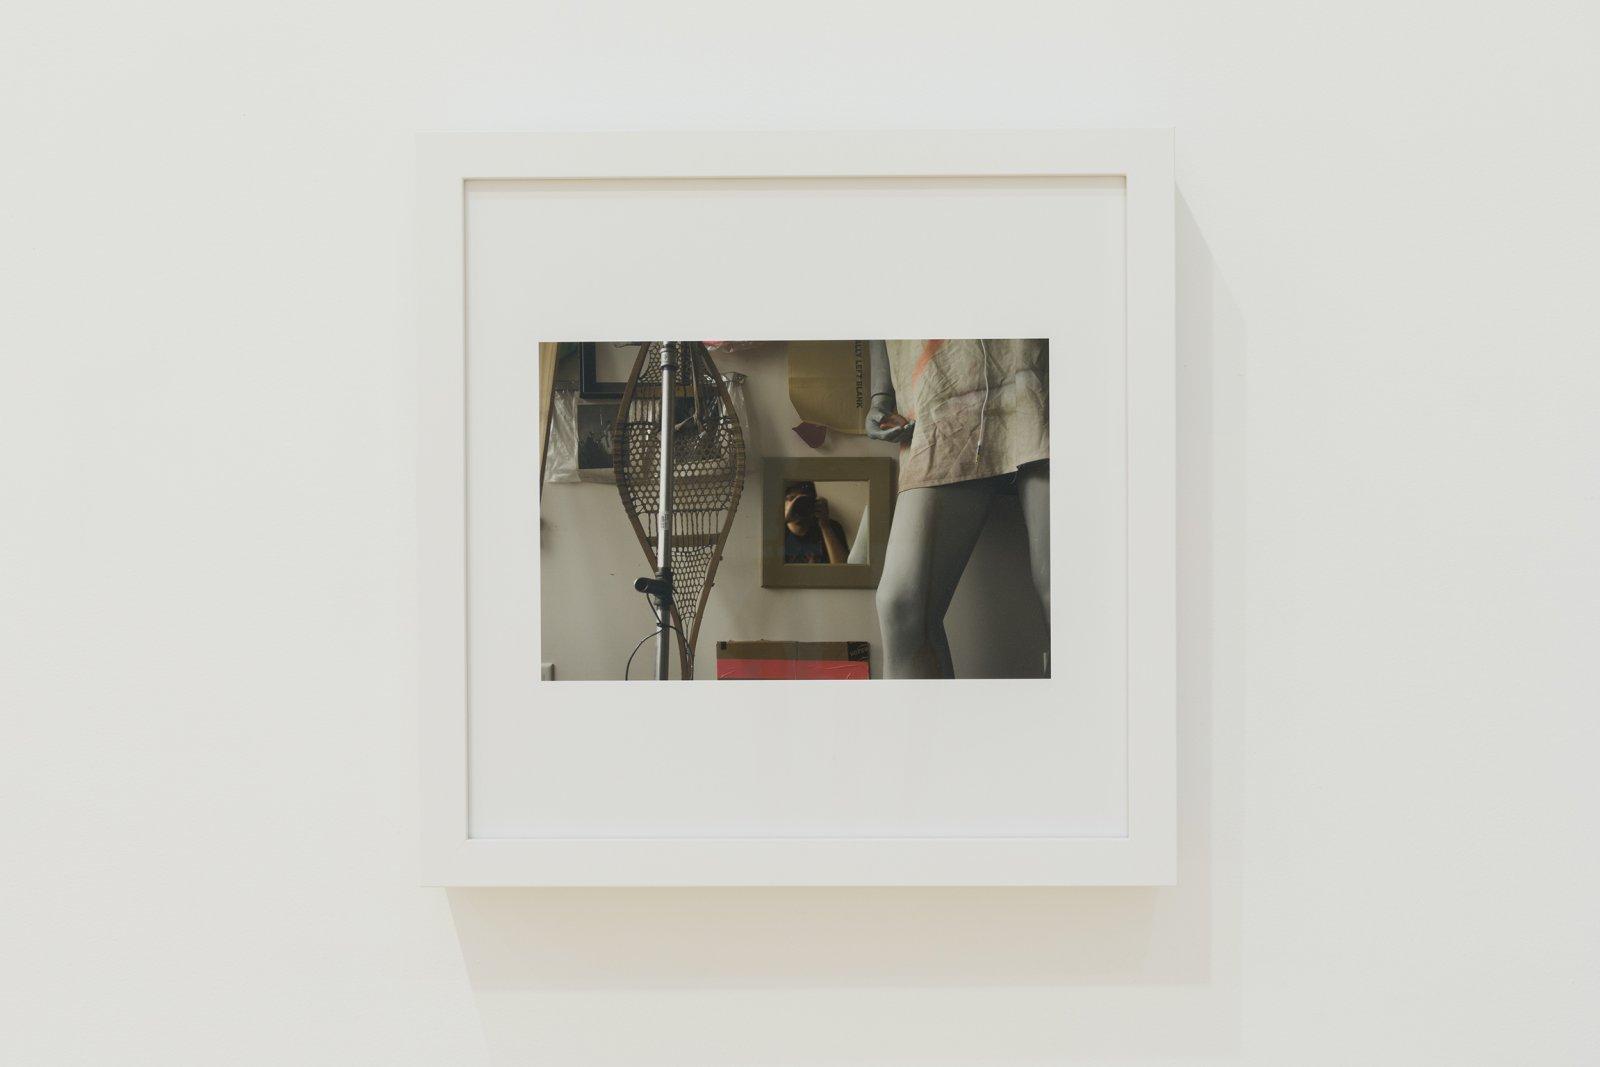 Duane Linklater,for laura ortman, 2017, framed digital print mounted to dibond, 16 x 16 in. (41 x 41 cm)